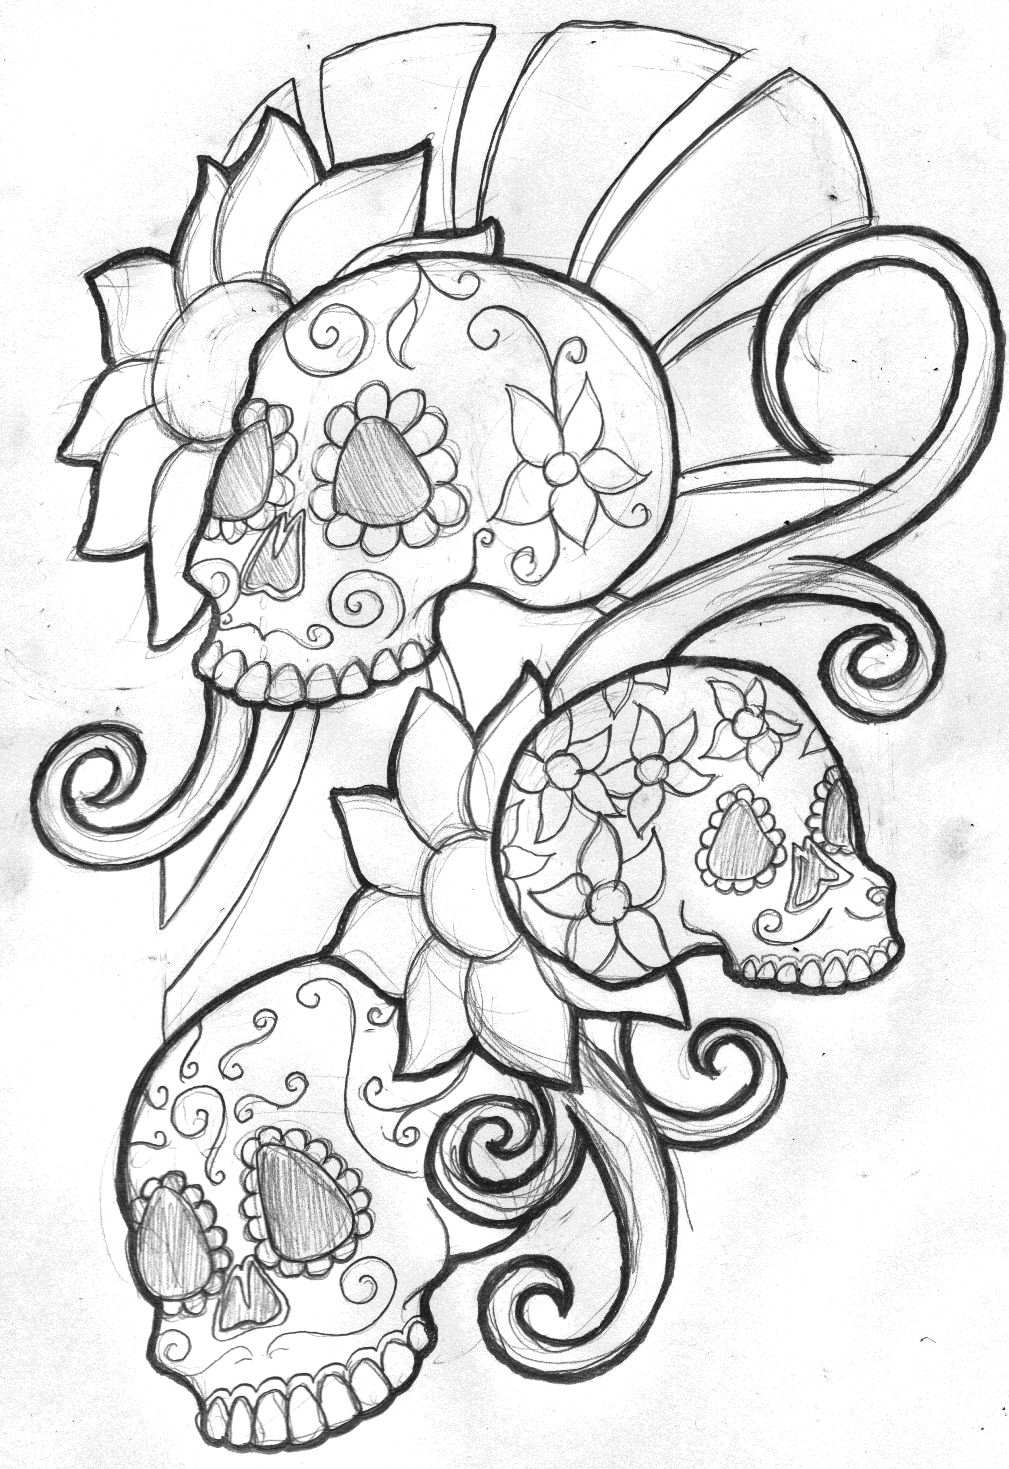 colored sugar skulls sugar skull coloring page free printable coloring pages sugar colored skulls